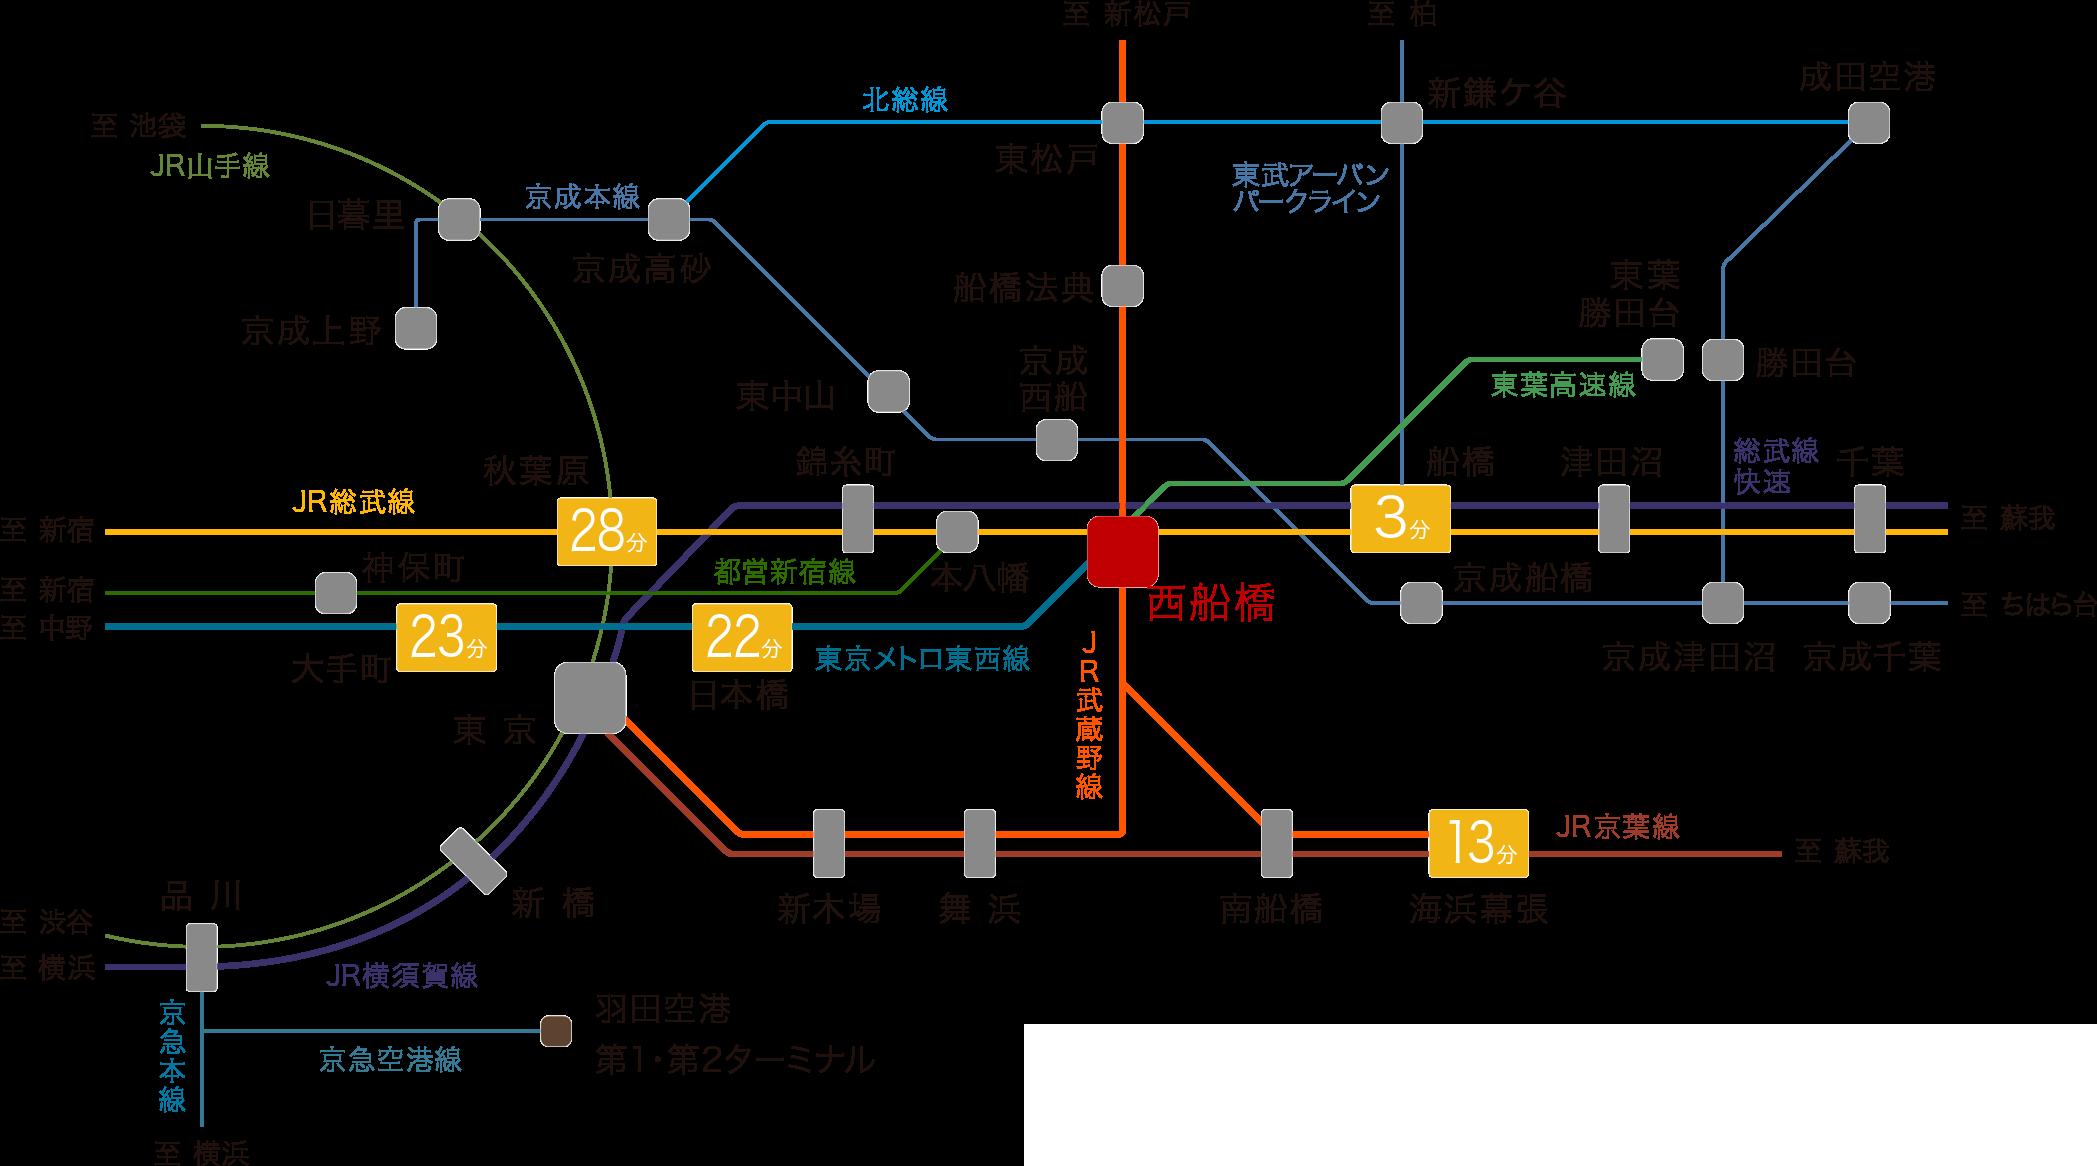 ルピアグランデ船橋行田公園 路線図